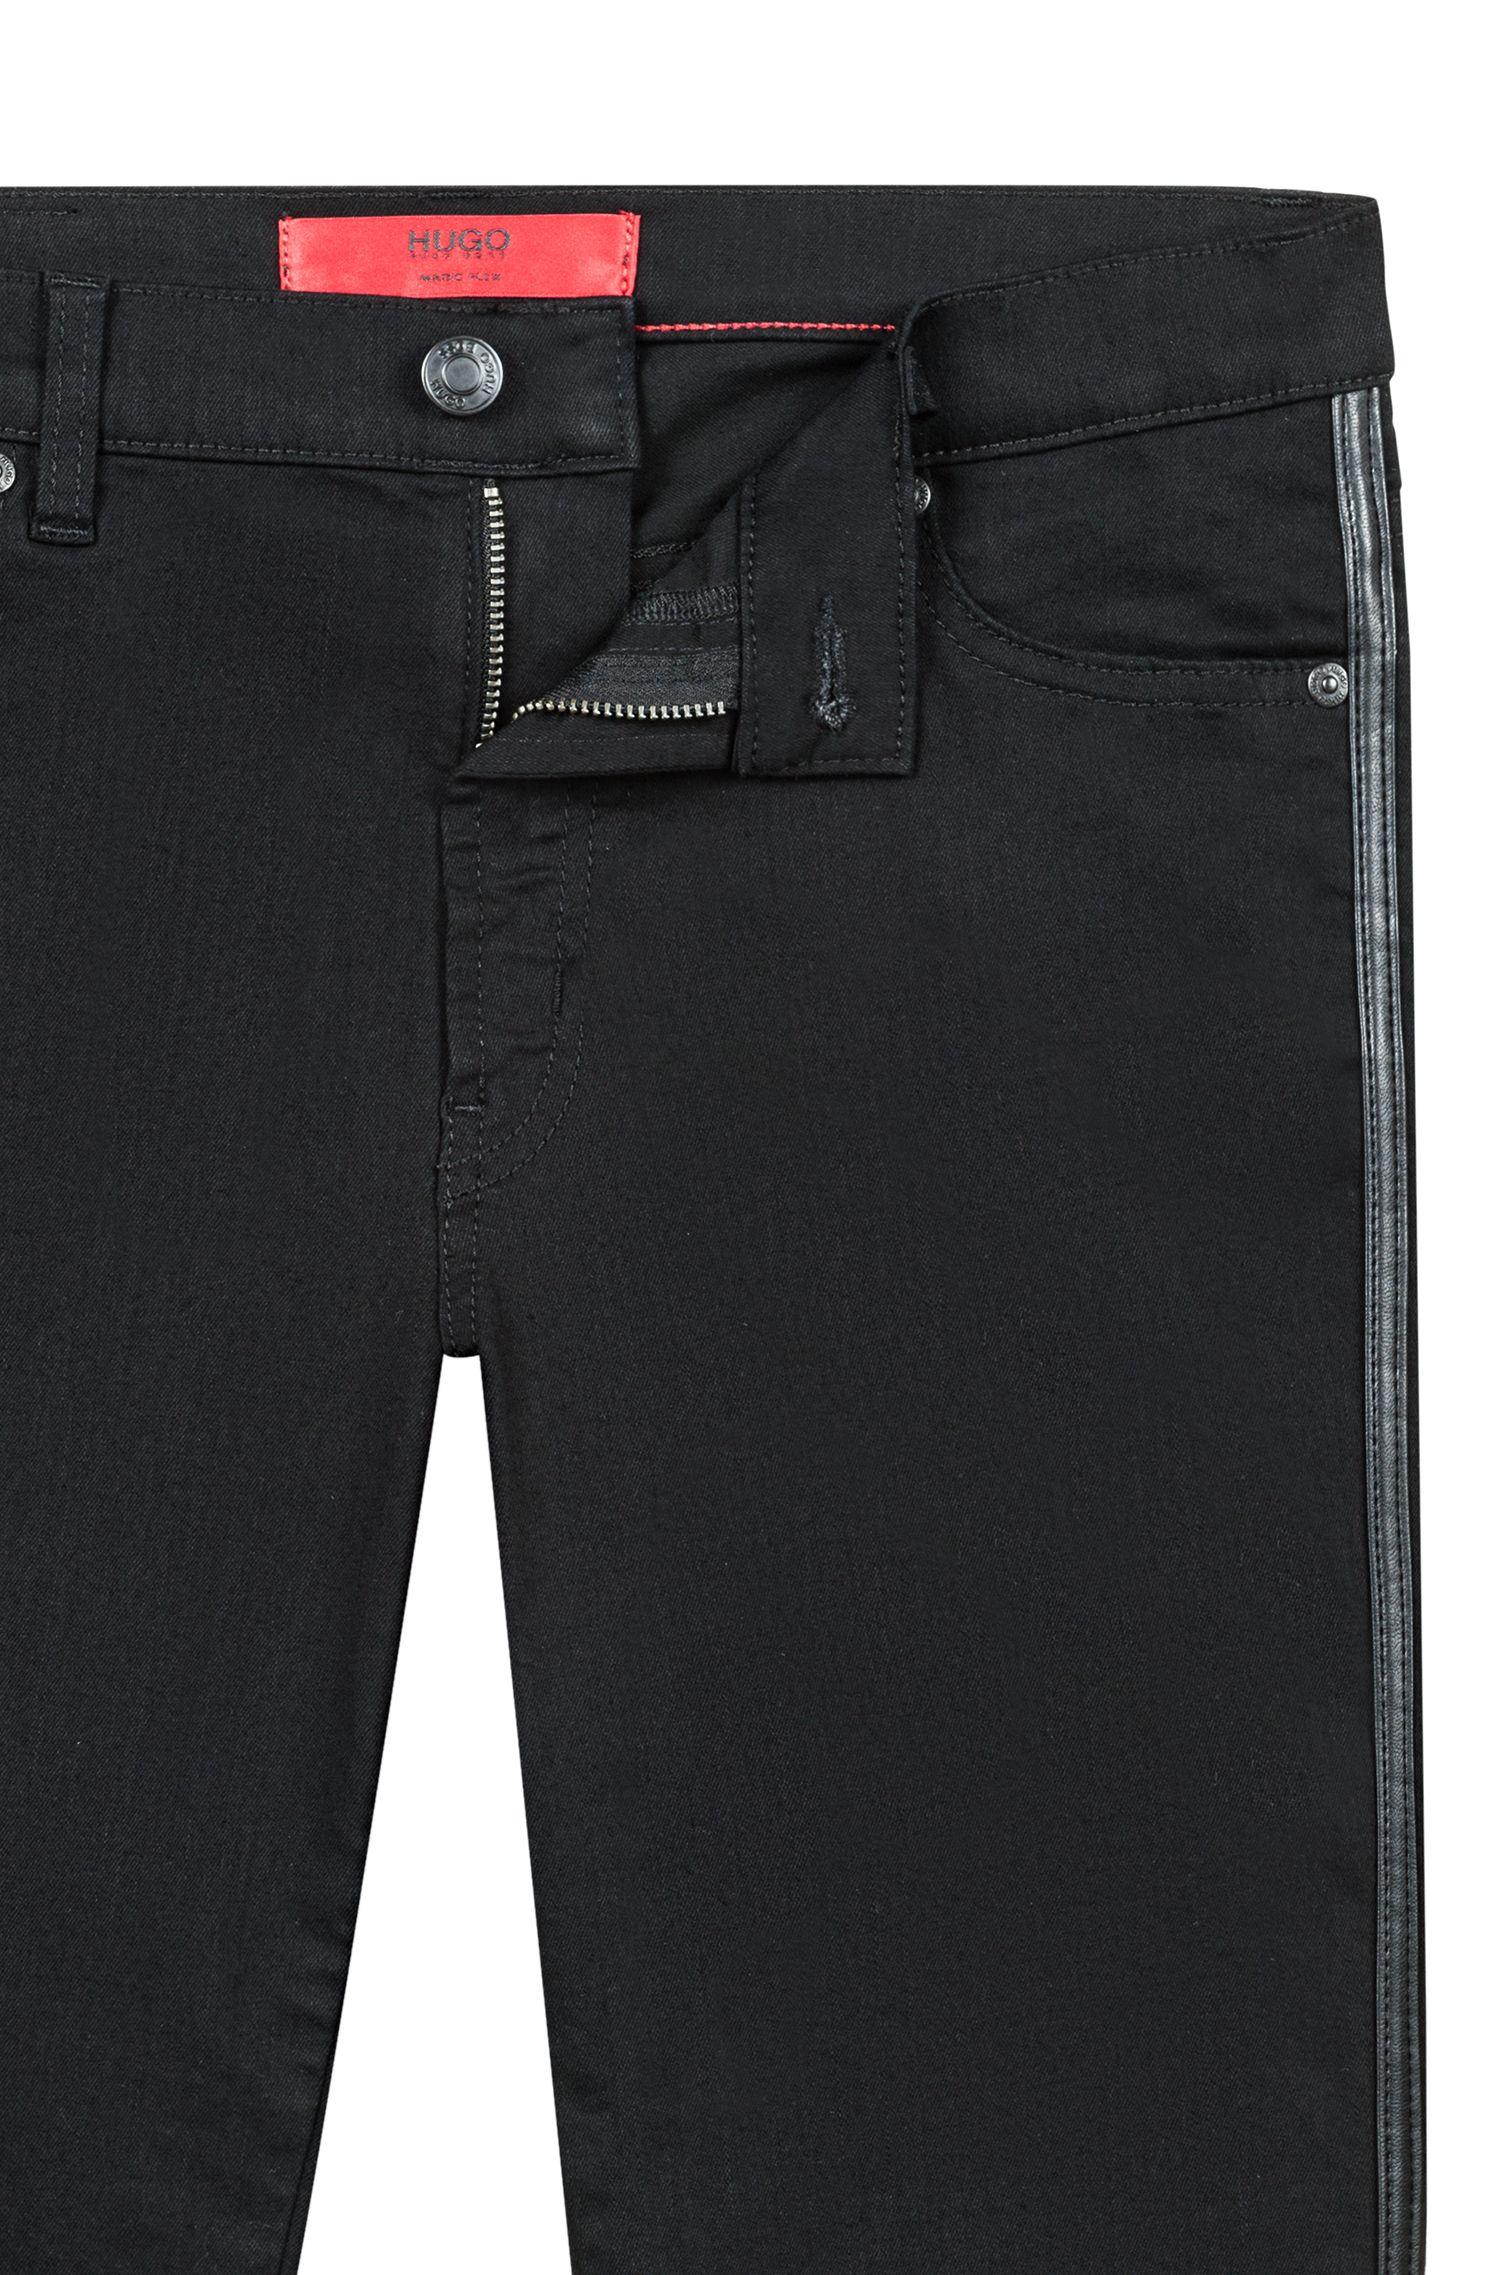 Extra-slim-fit jeans in Italian super-stretch denim, Black